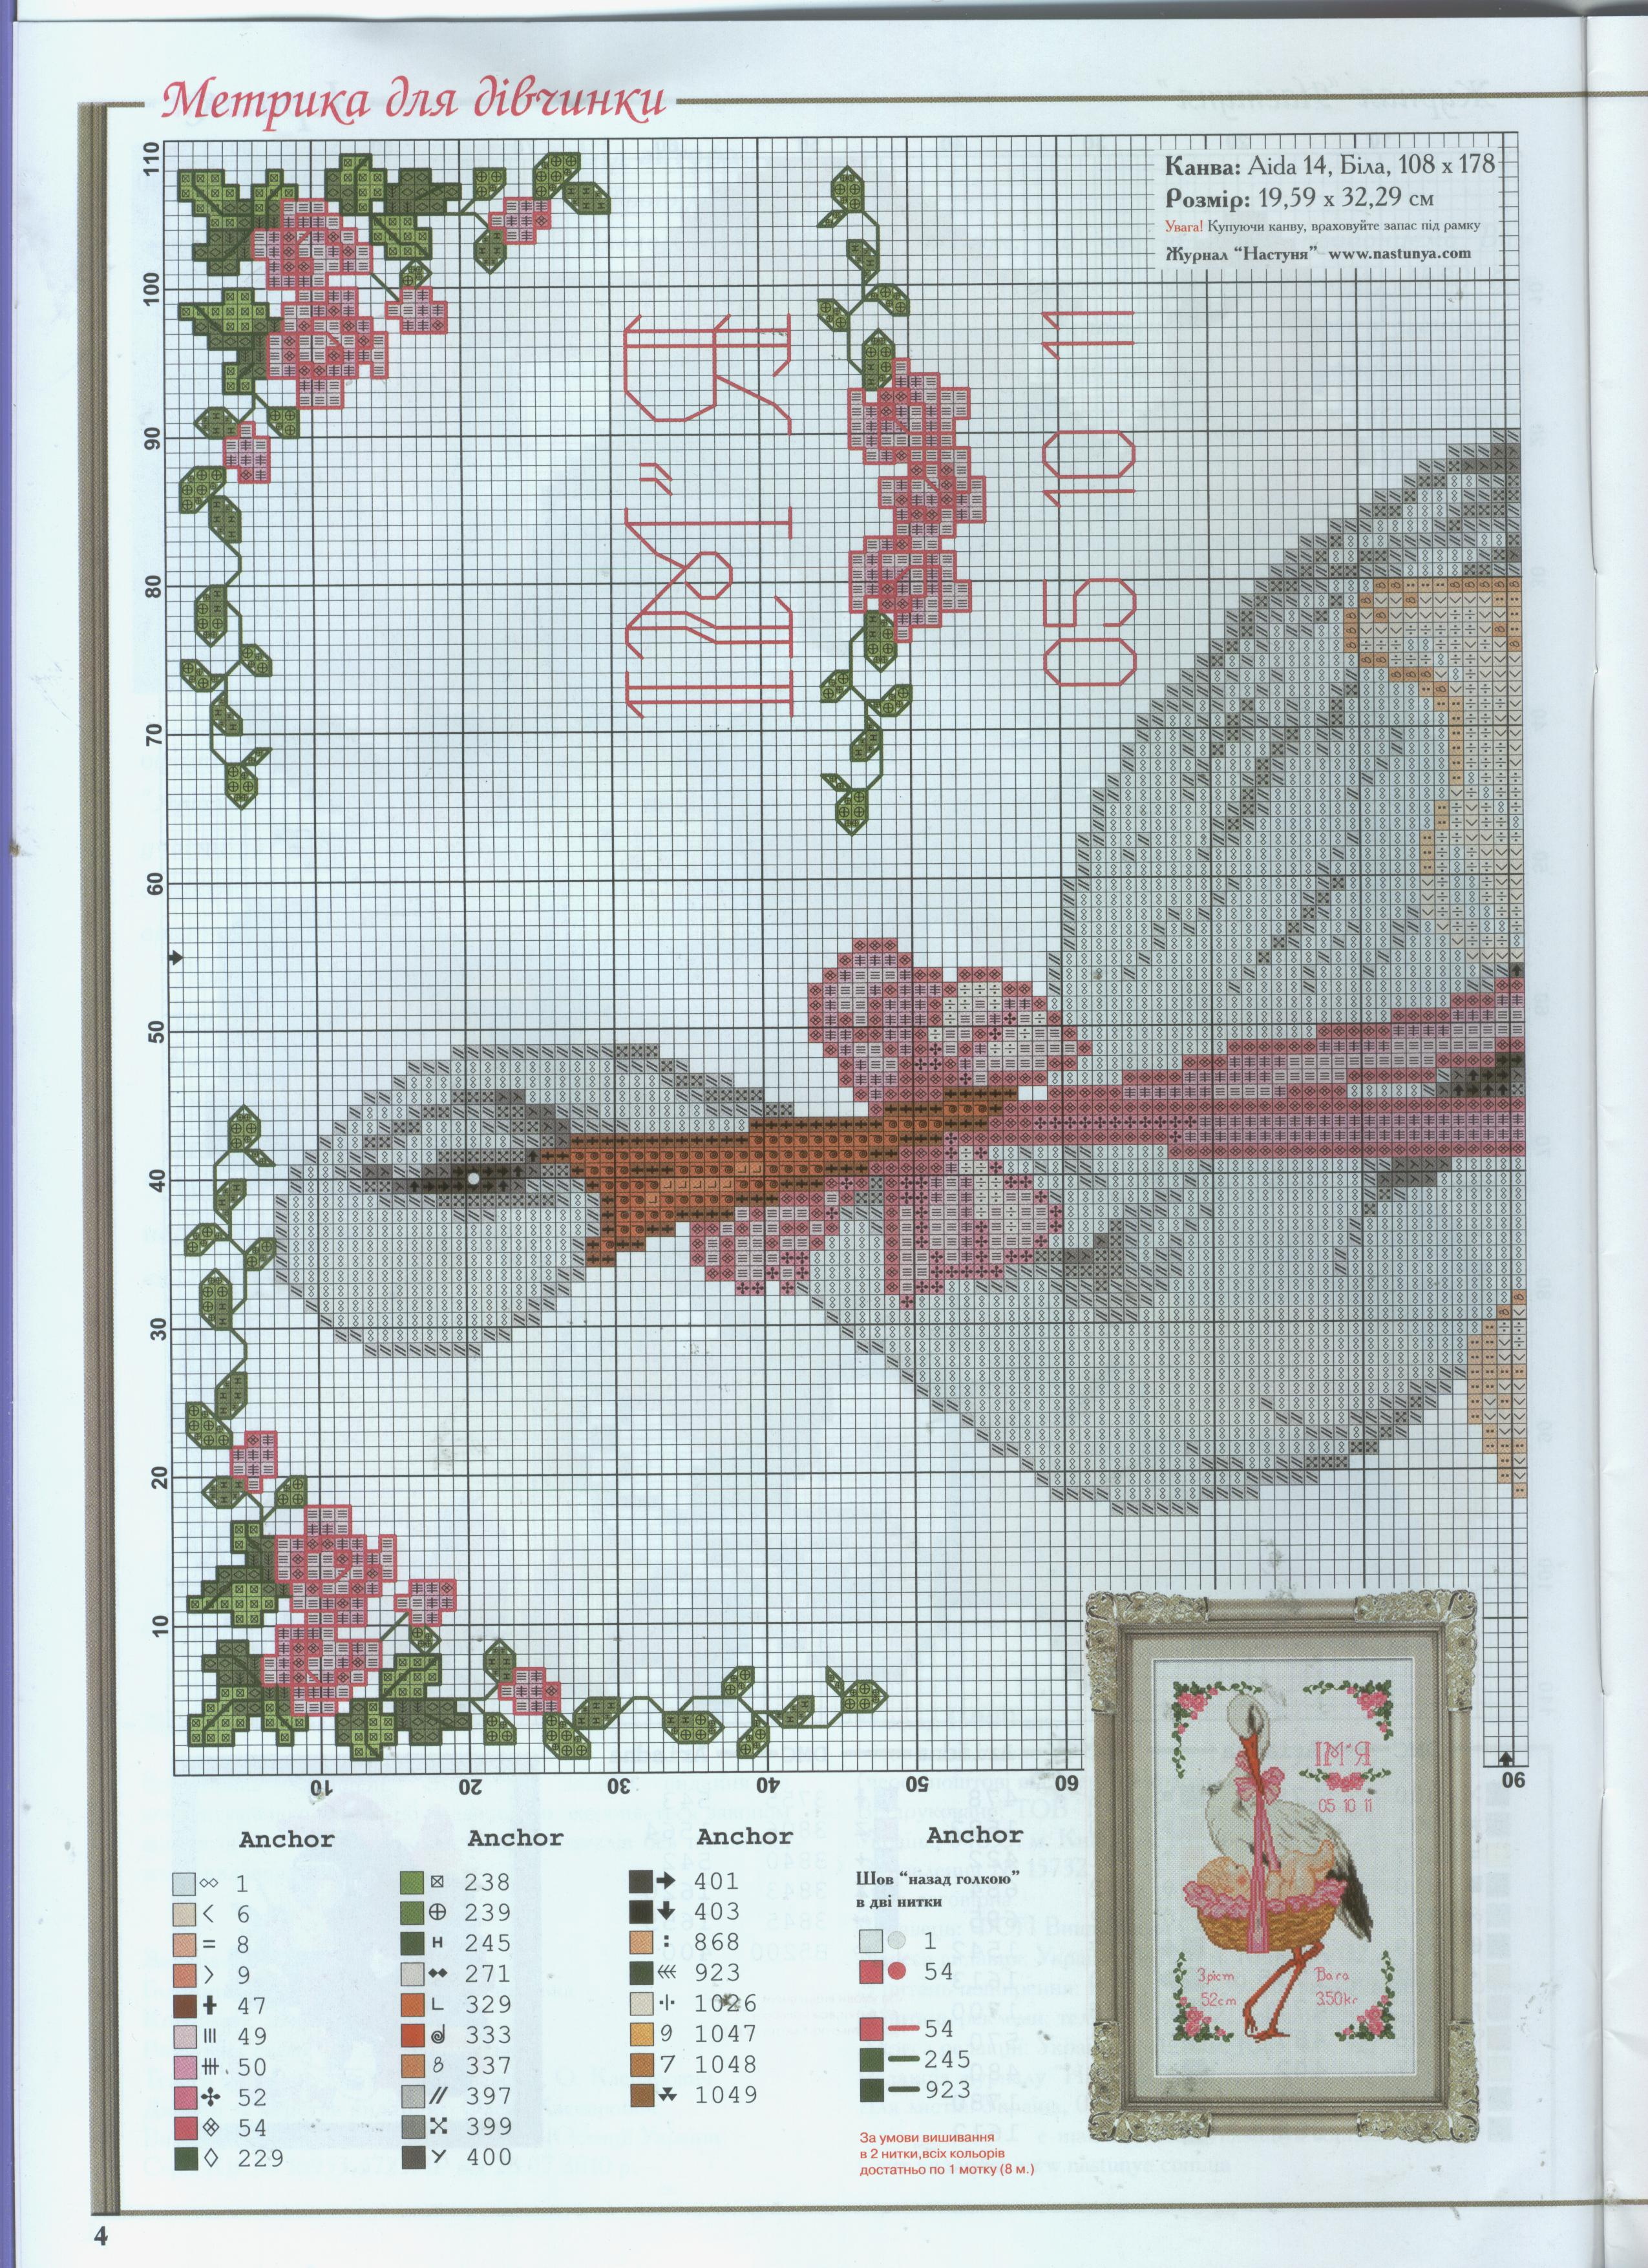 http://make-handmade.com/wp-content/uploads/2011/12/make-handmade-20fa90a12d48e.jpg